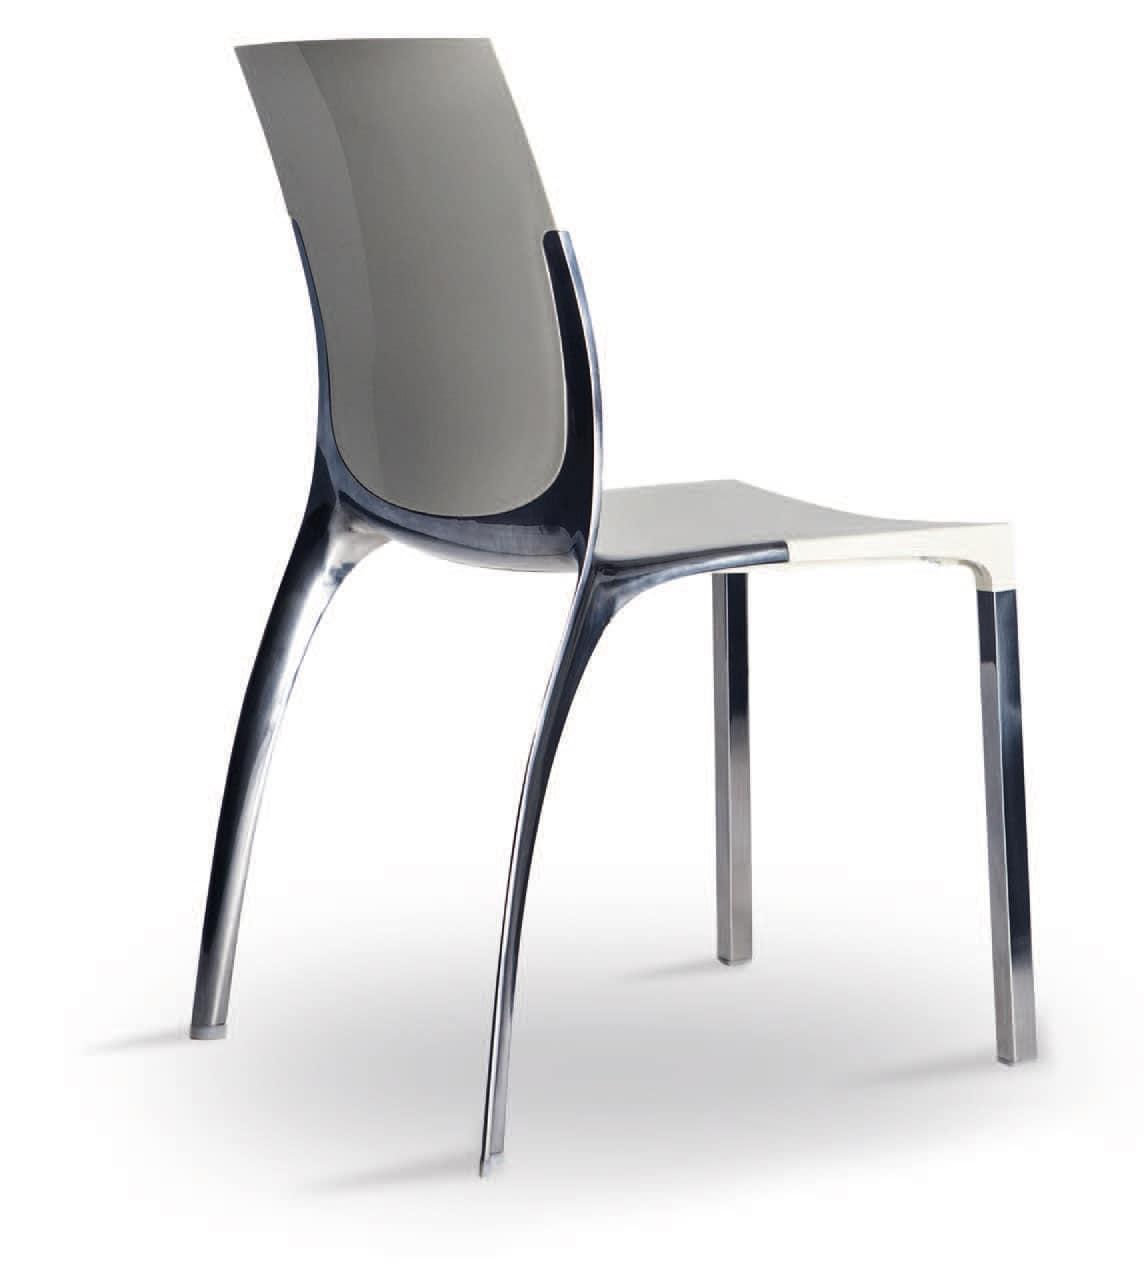 stuhl aus aluminium und polycarbonat in eleganten stil. Black Bedroom Furniture Sets. Home Design Ideas